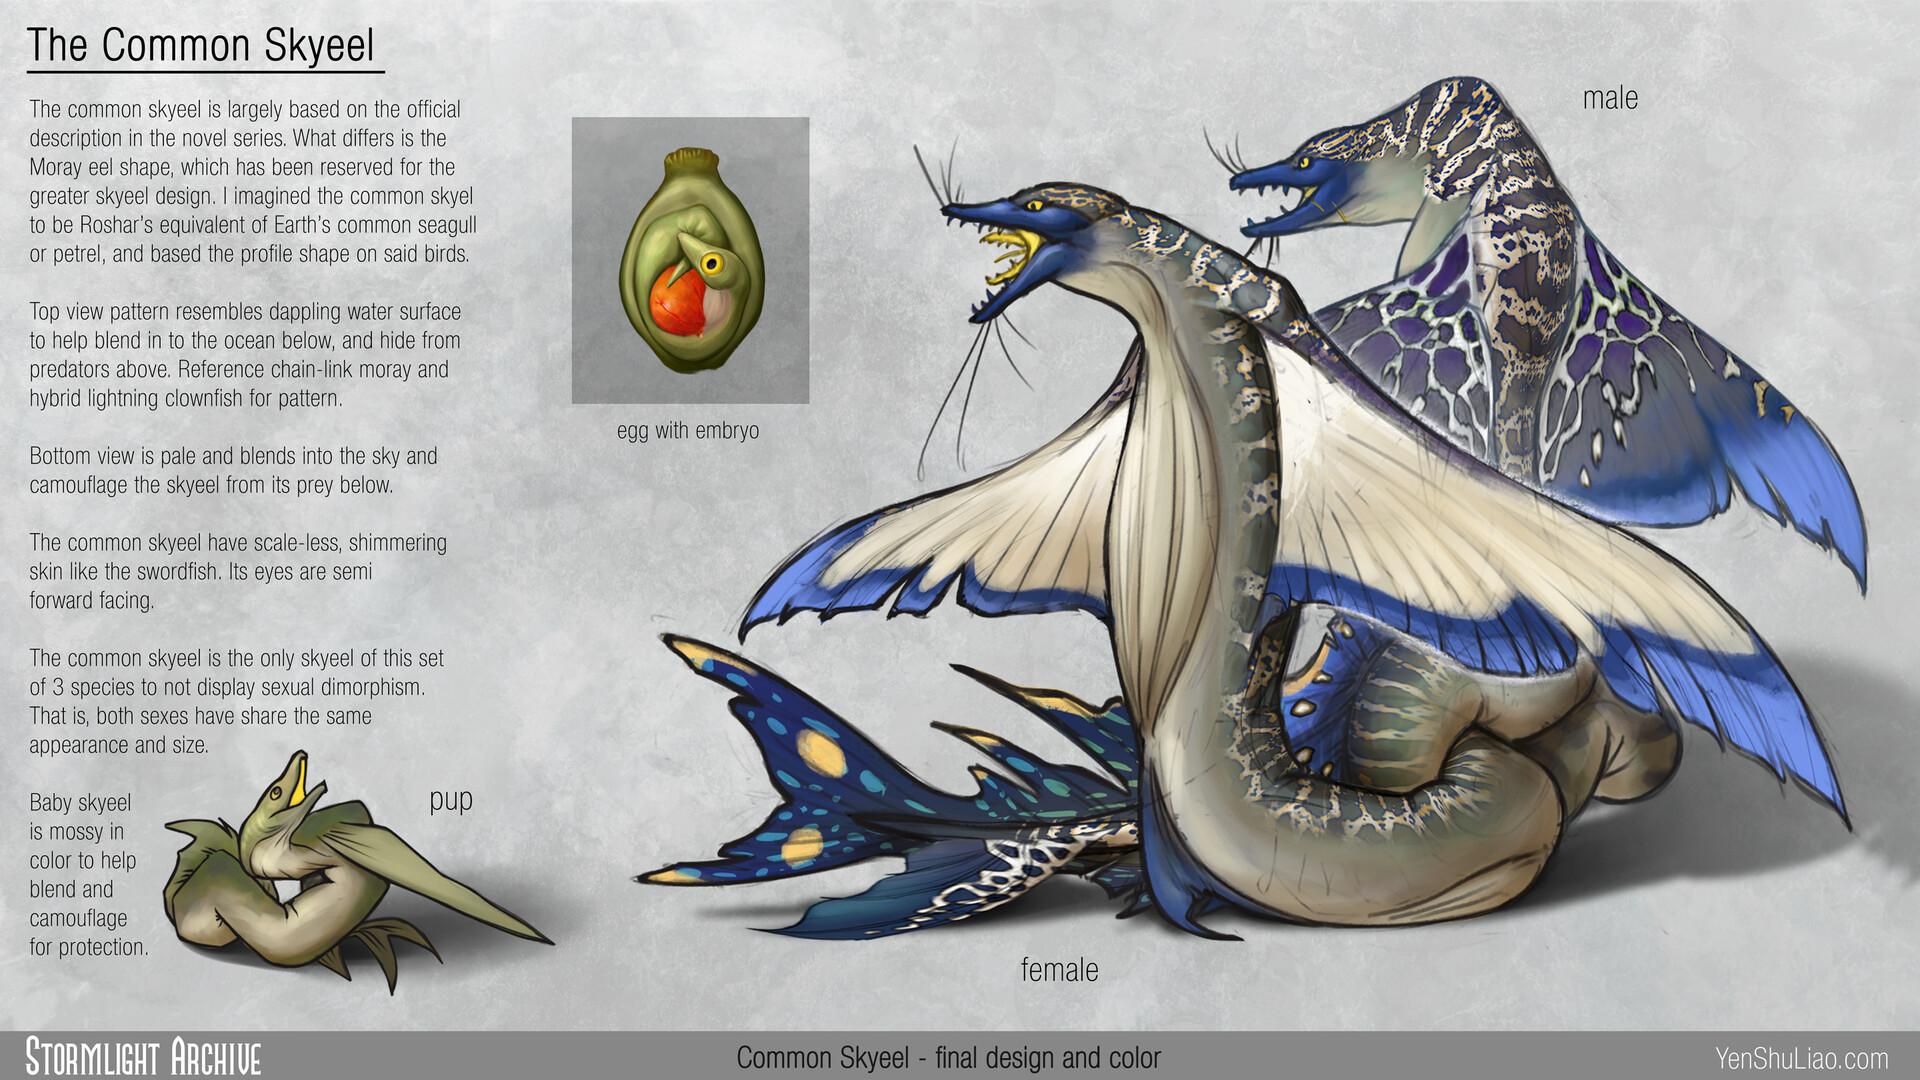 Yen shu liao stormlightarchive skyeel common creature concept main yen shu liao